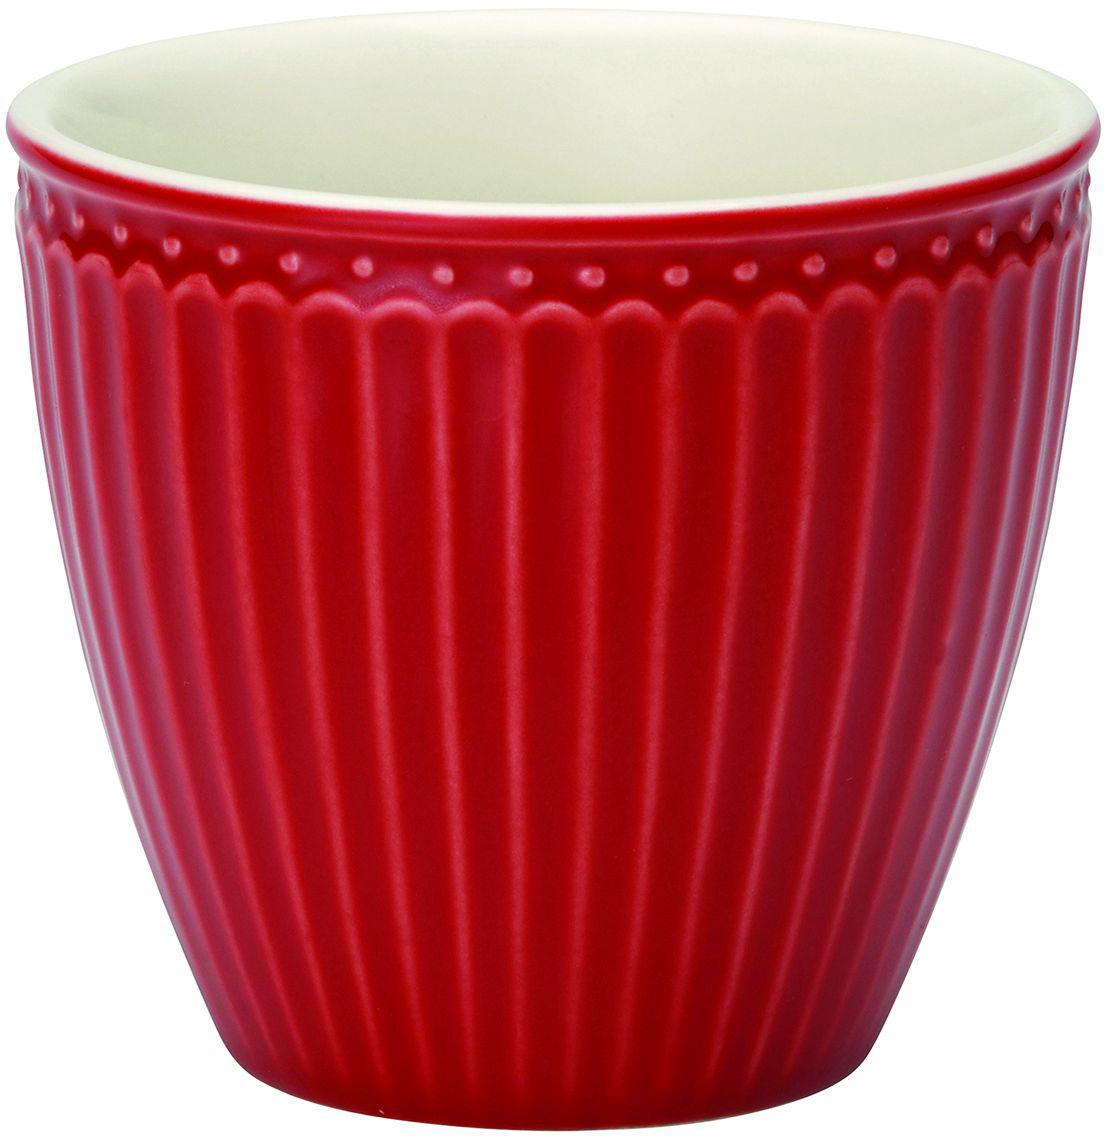 Стакан Alice, цвет: красный, 300 млTWLATAALI1006Фарфоровые стаканы, чашки для латте Alice red – фаворит посудных каталогов GreenGate – прекрасно подходят как для горячих напитков - чая, кофе или какао – так и для холодных. Ягоды, мороженое, утренние сухие завтраки с молоком и йогуртом также можно сервировать в стаканах. Отсутствие классической ручки у чашки отнюдь не помеха, а даже преимущество, позволяющее пополнять коллекцию новыми моделями почти без ущерба пространству кухонных шкафов, ведь они прекрасно помещаются один в другом даже на самых миниатюрных кухнях.